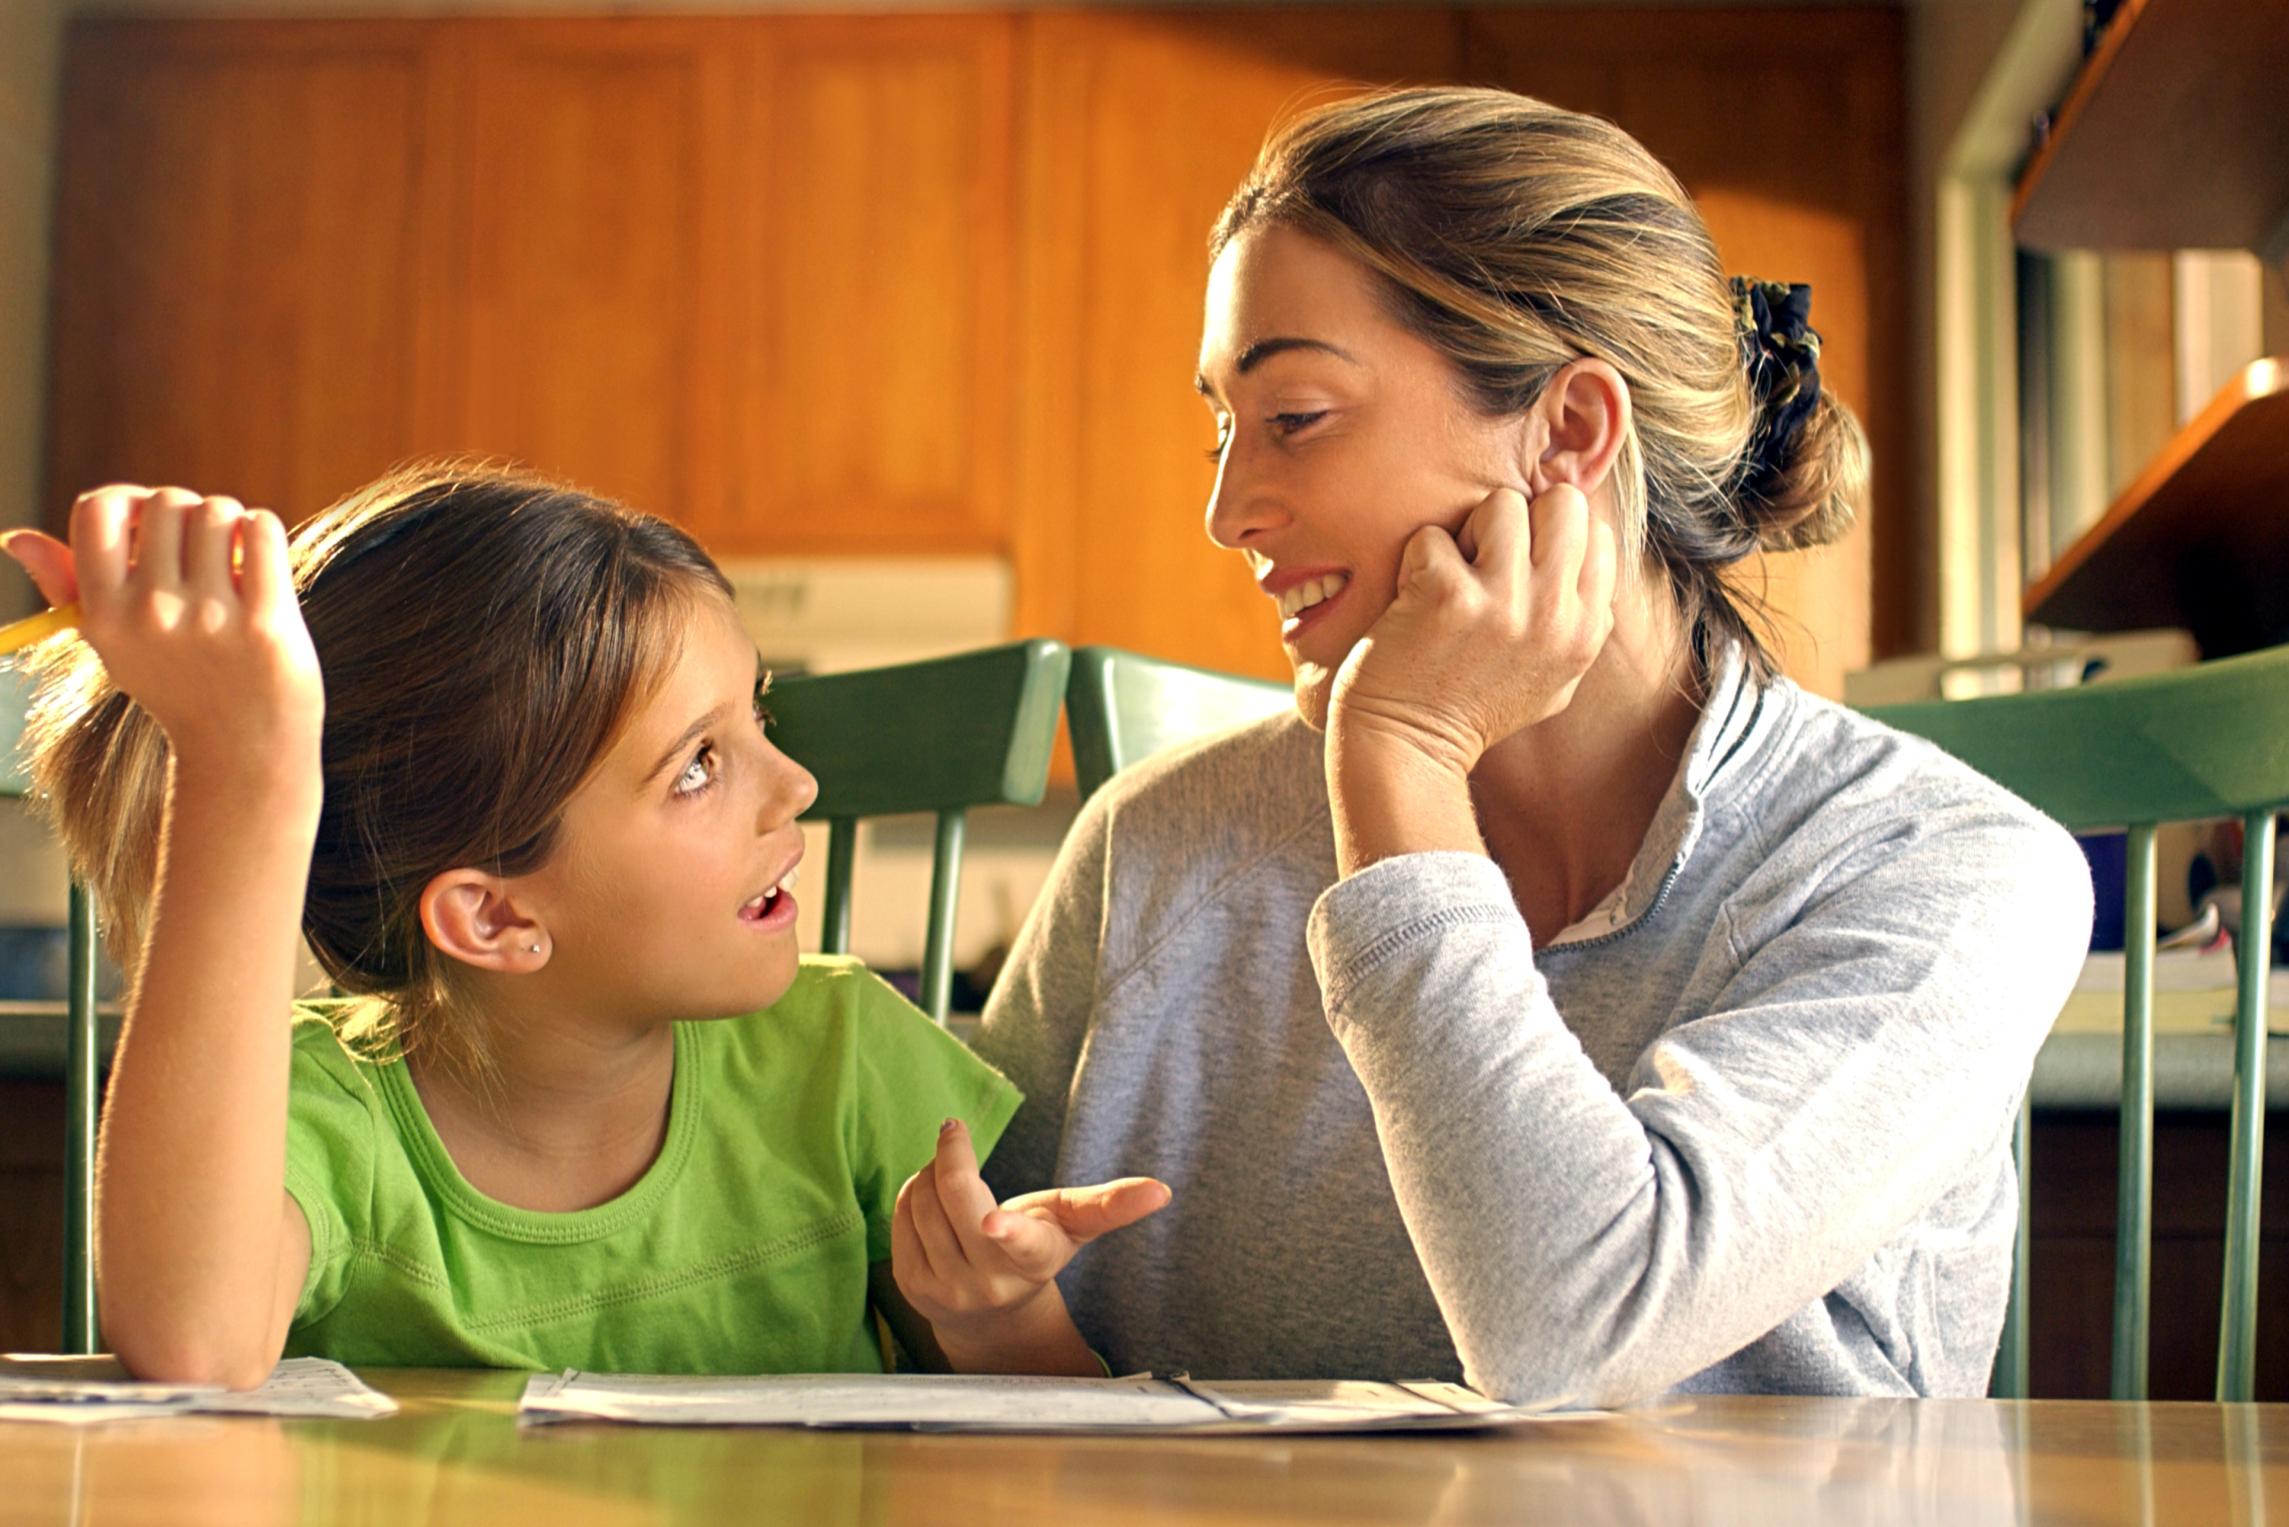 hablar con niños